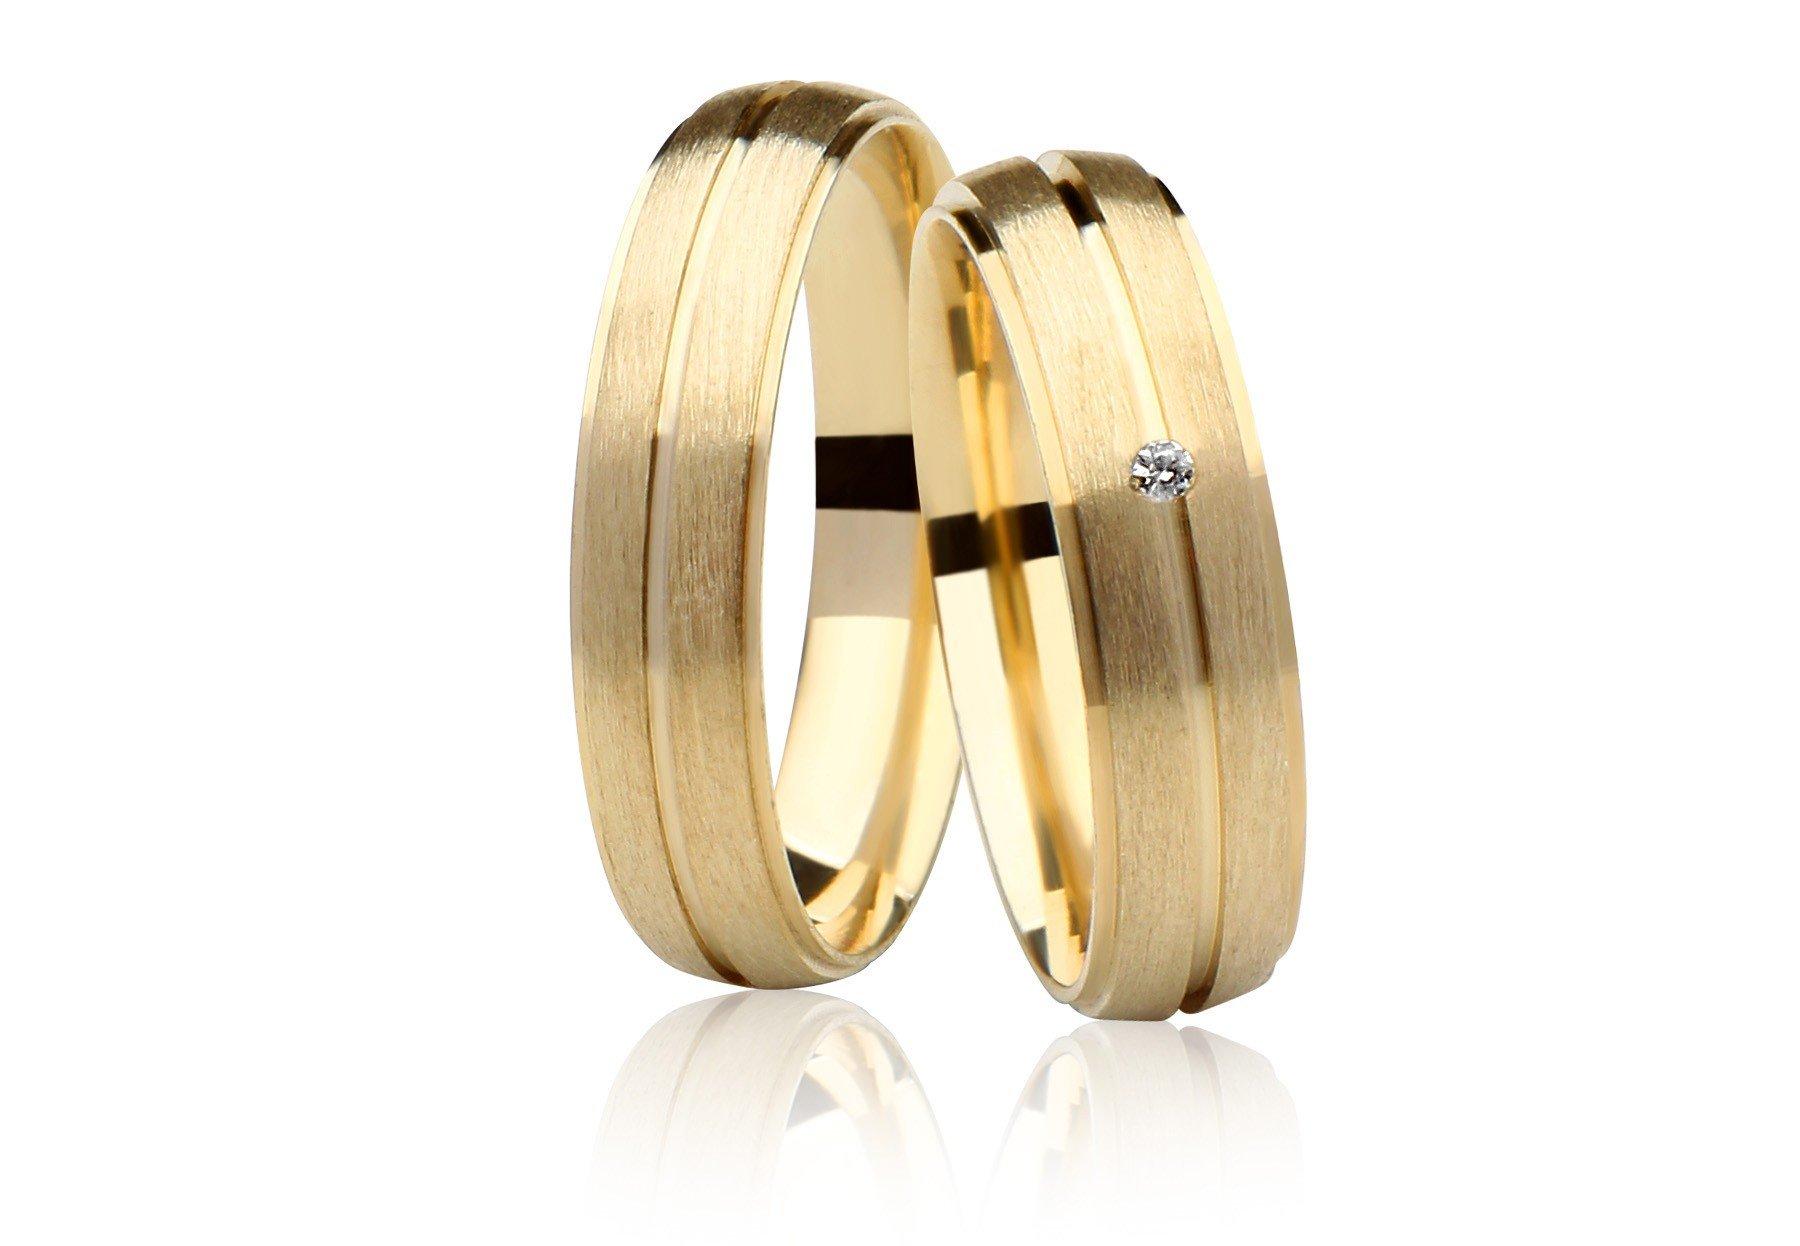 Aliança Casamento Destiny Ouro 18k Fosco e Diamante (4.75mm)